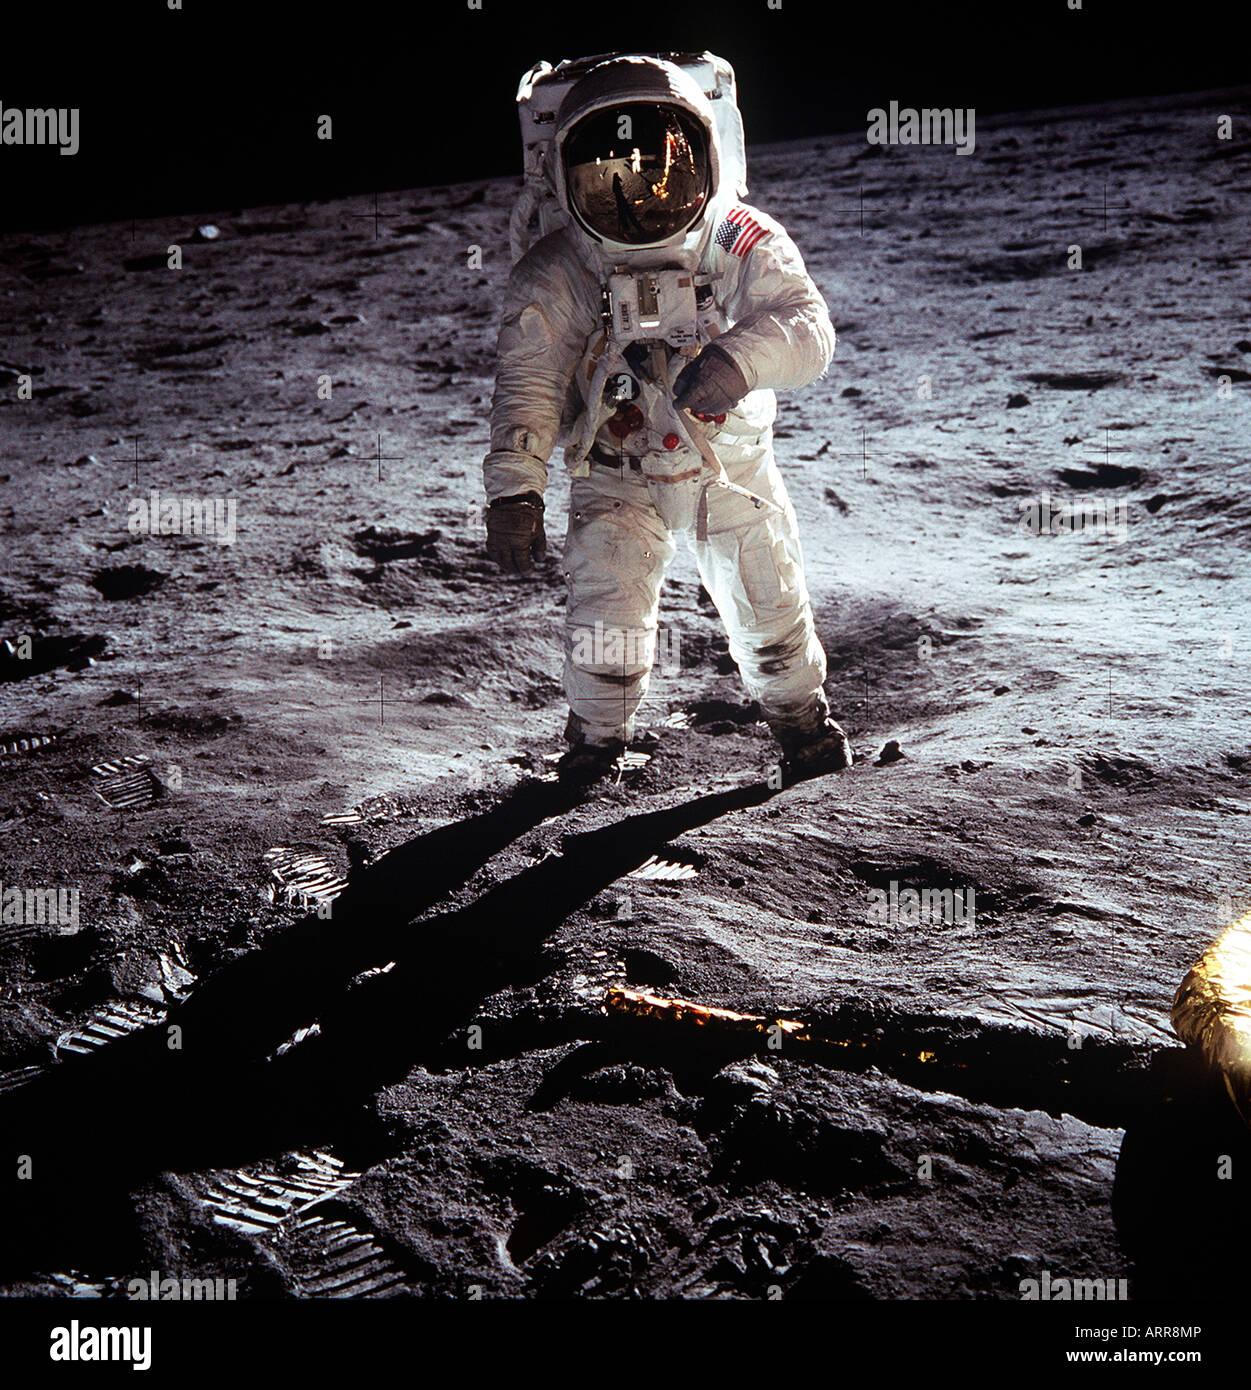 El astronauta estadounidense Neil Armstrong NASA aterrizaje lunar Apolo 11 Foto de stock